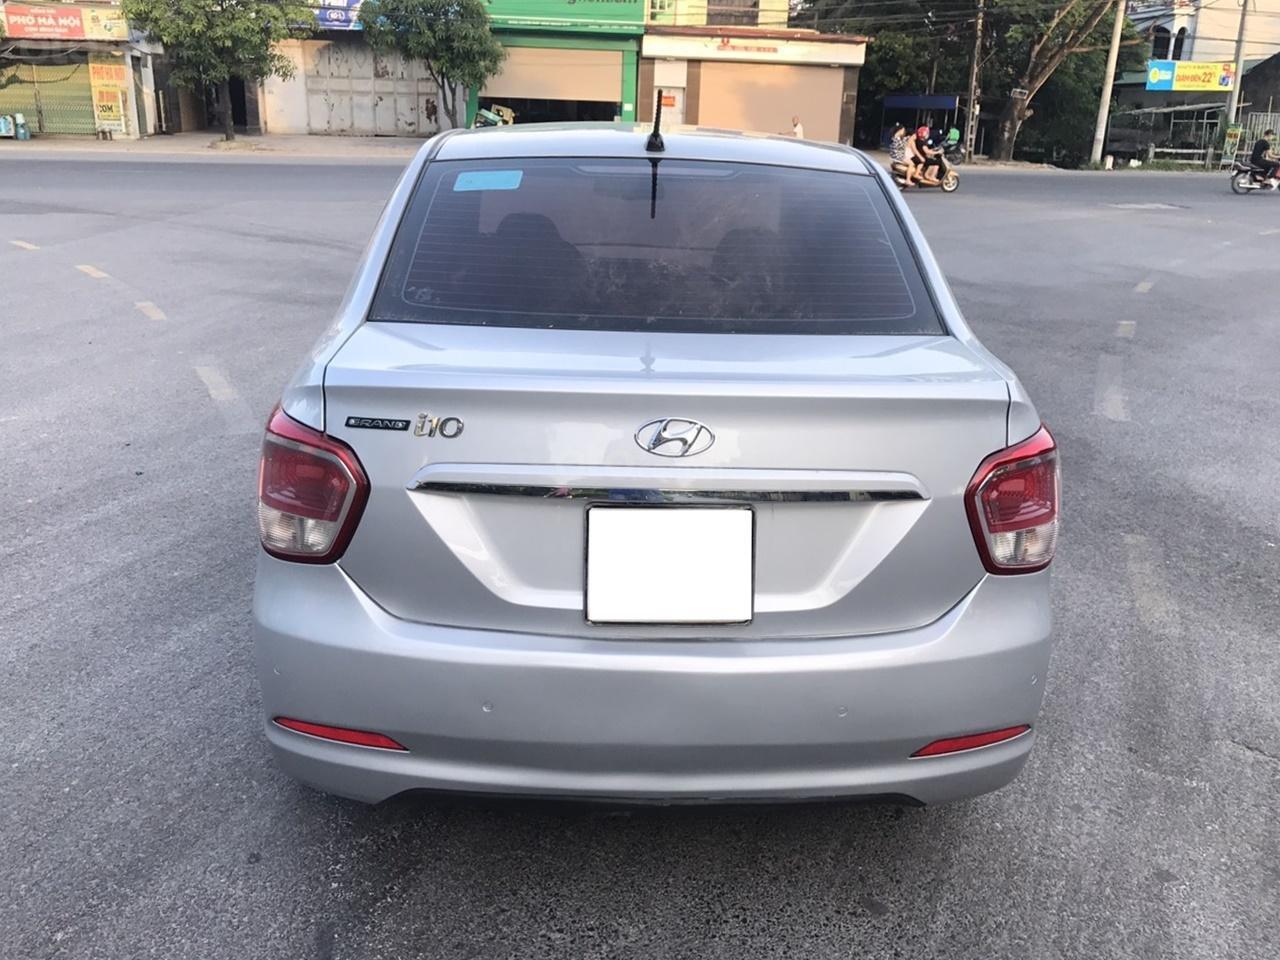 Hyundai Grand i10 1.2 Sport 2016, màu bạc, nhập khẩu, 1 chủ từ mới, bản full kịch đồ, xe quá chất lượng (15)